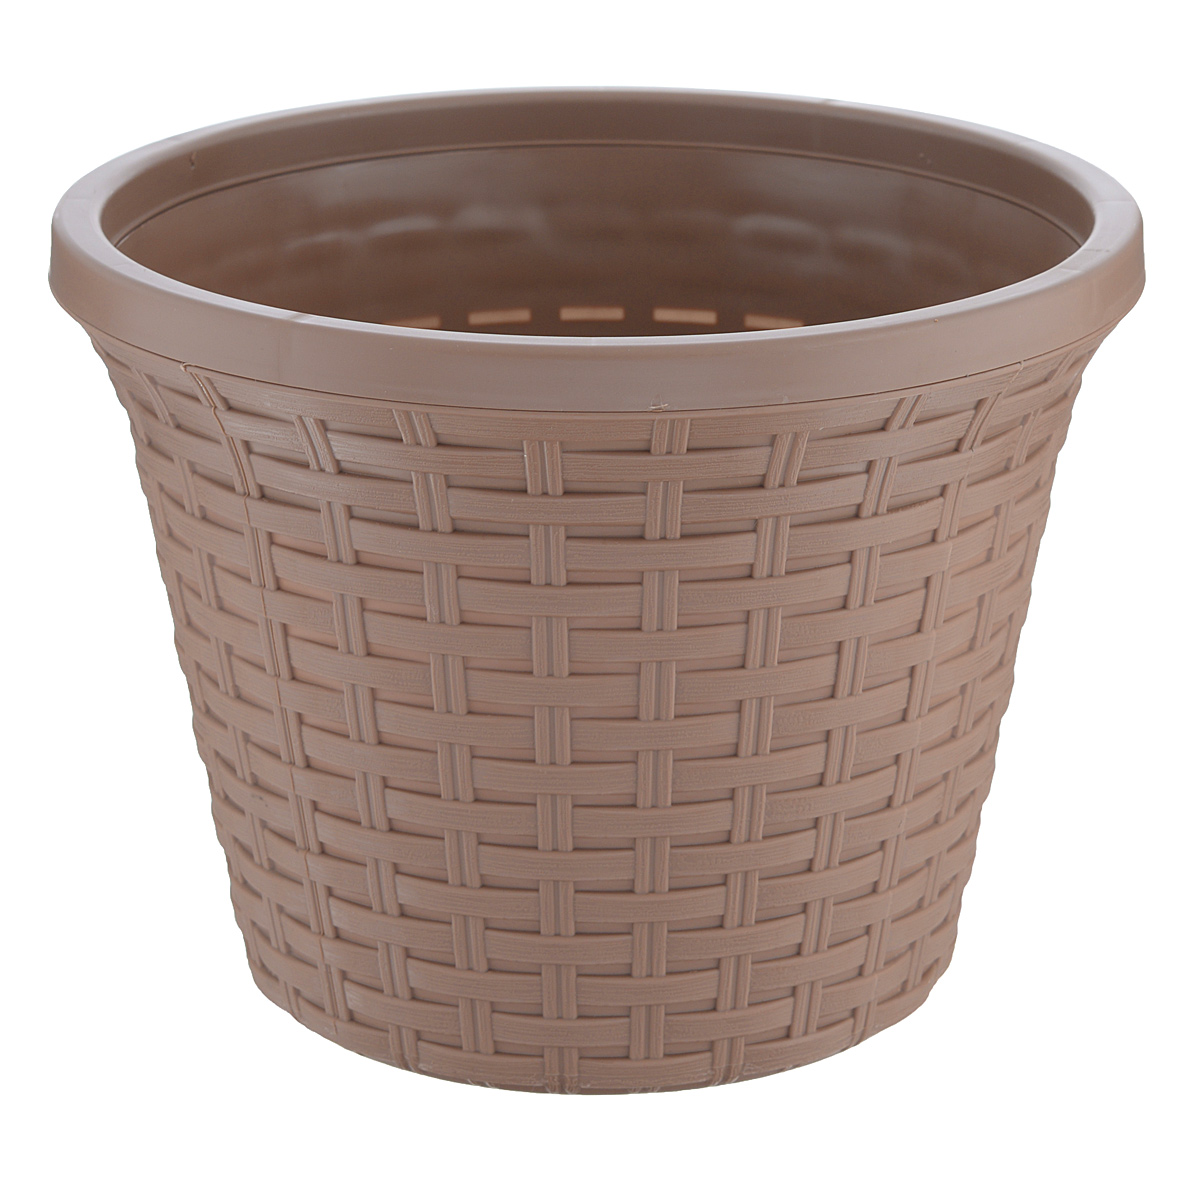 Кашпо Violet Ротанг, с дренажной системой, цвет: какао, 6,5 лZ-0307Кашпо Violet Ротанг изготовлено из высококачественного пластика и оснащено дренажной системой для быстрого отведения избытка воды при поливе. Изделие прекрасно подходит для выращивания растений и цветов в домашних условиях. Лаконичный дизайн впишется в интерьер любого помещения.Объем: 6,5 л.